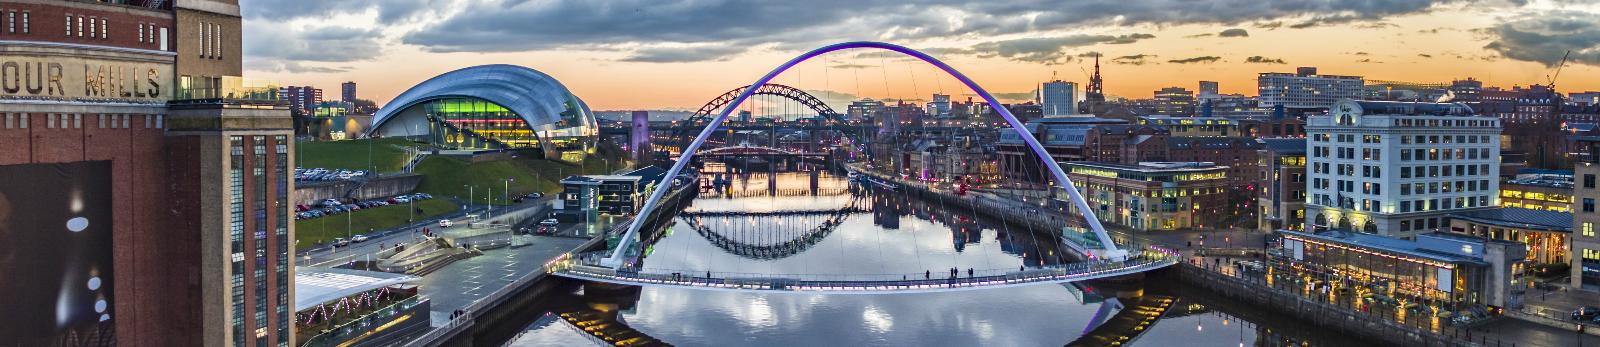 Gateshead Millennium Bridge Visit England